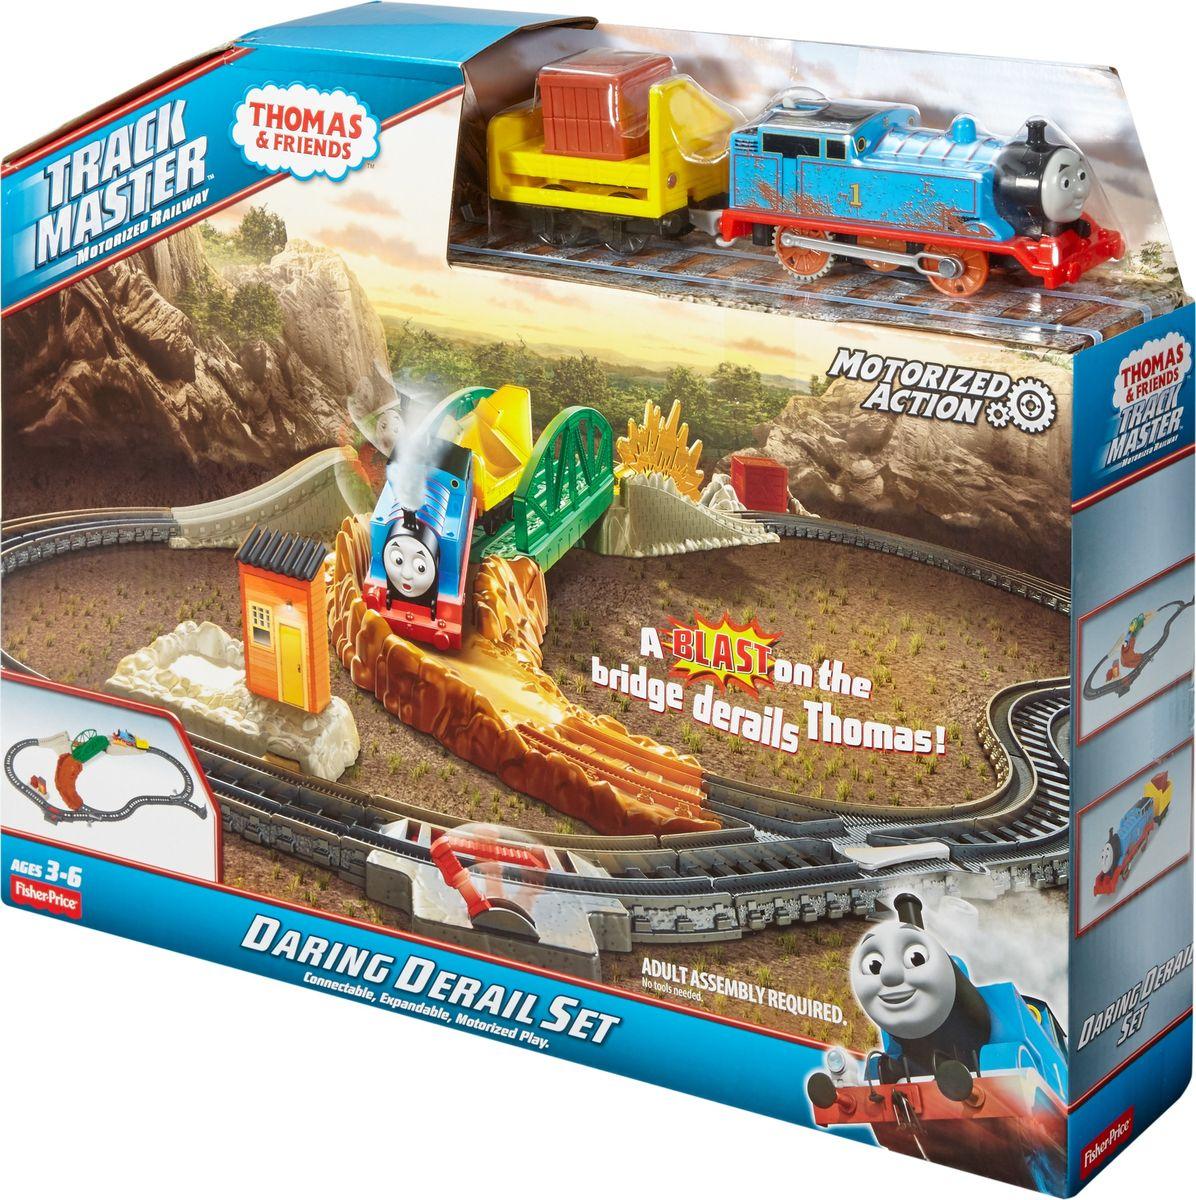 Thomas & Friends Железная дорога Опасный путь FBK07 thomas & friends железная дорога чарли за работой